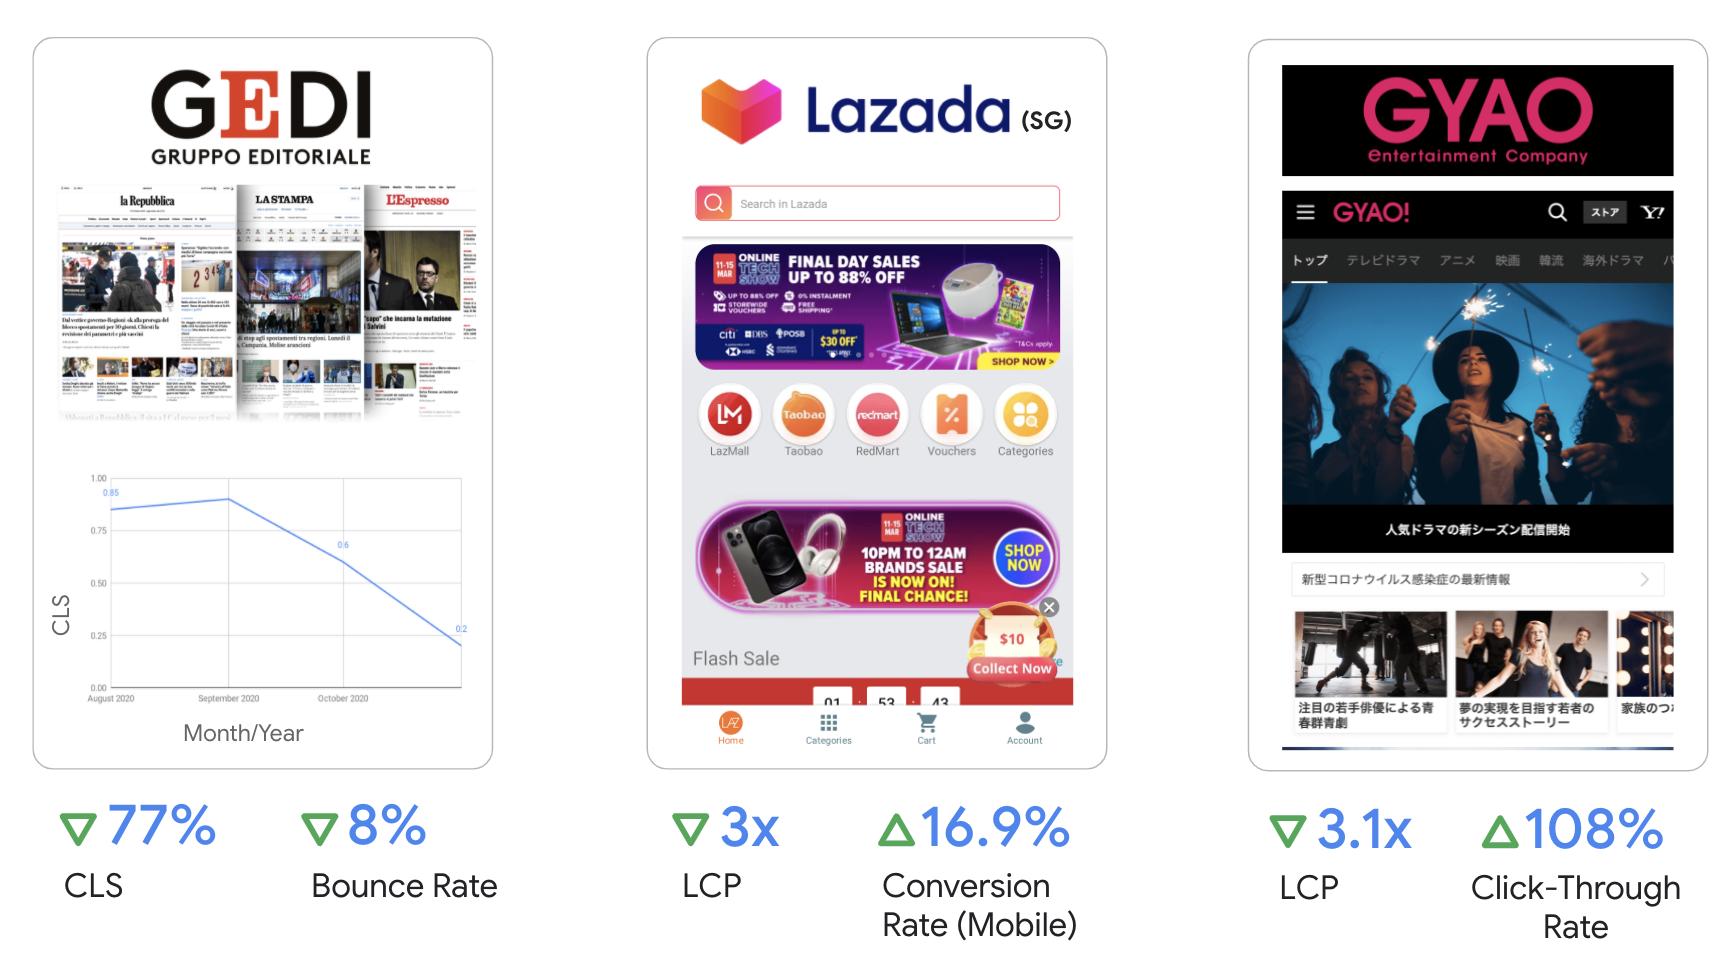 GEDI は CLS を 77% 削減することで直帰率が 8% 減少、Lazada は LCP を 3 分の 1 にすることでモバイルのコンバージョン率が 16.9% 増加、GYAO は LCP 約 3 分の 1 にすることでクリックスルー率が 108% 増加